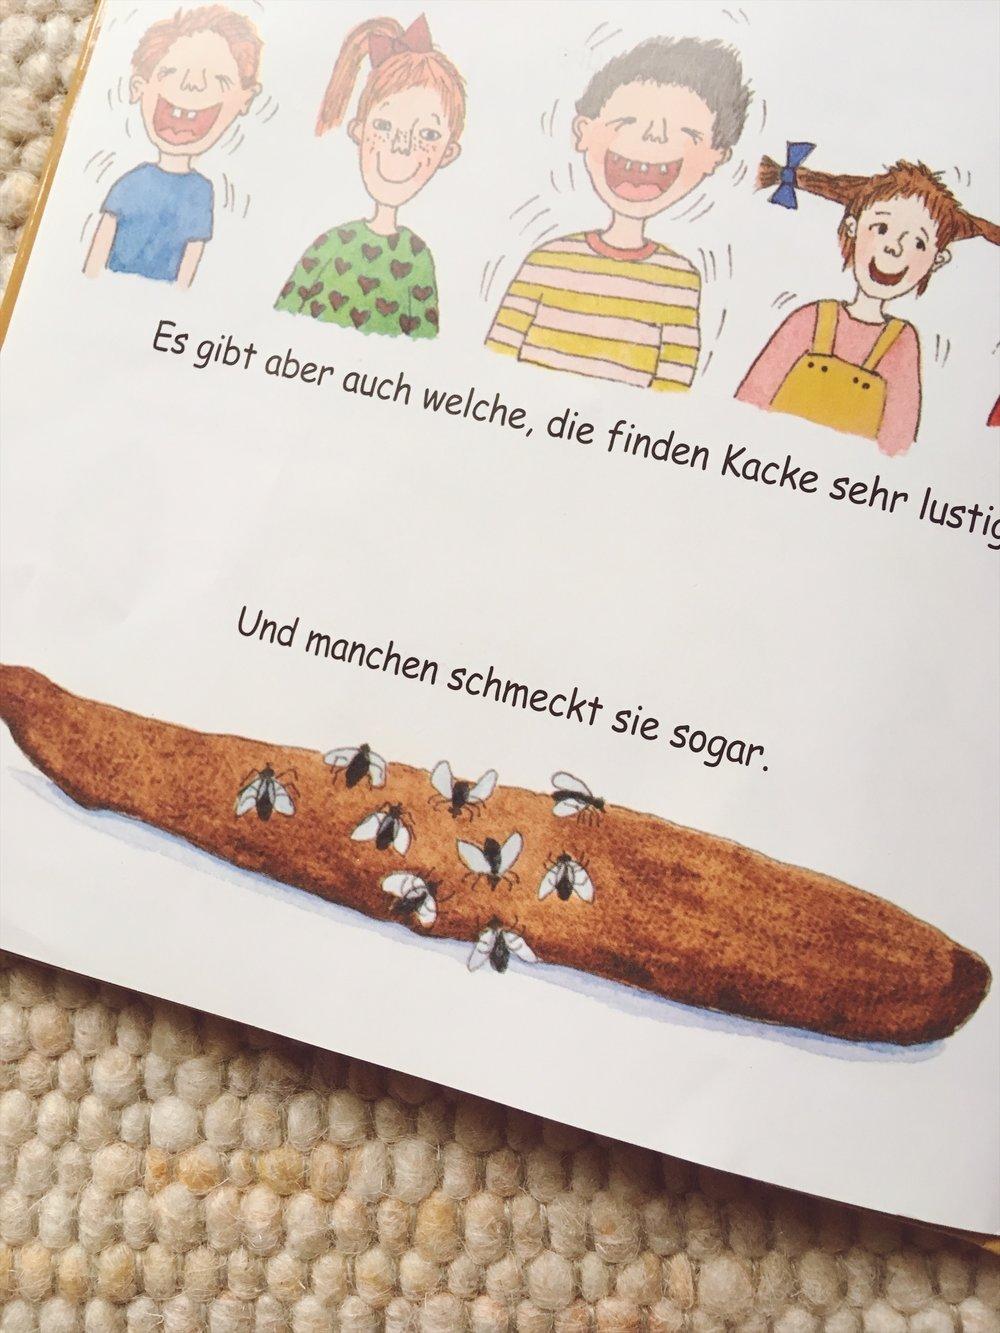 lesestoffmitdaumenkino-so-ein-kack-02.JPG